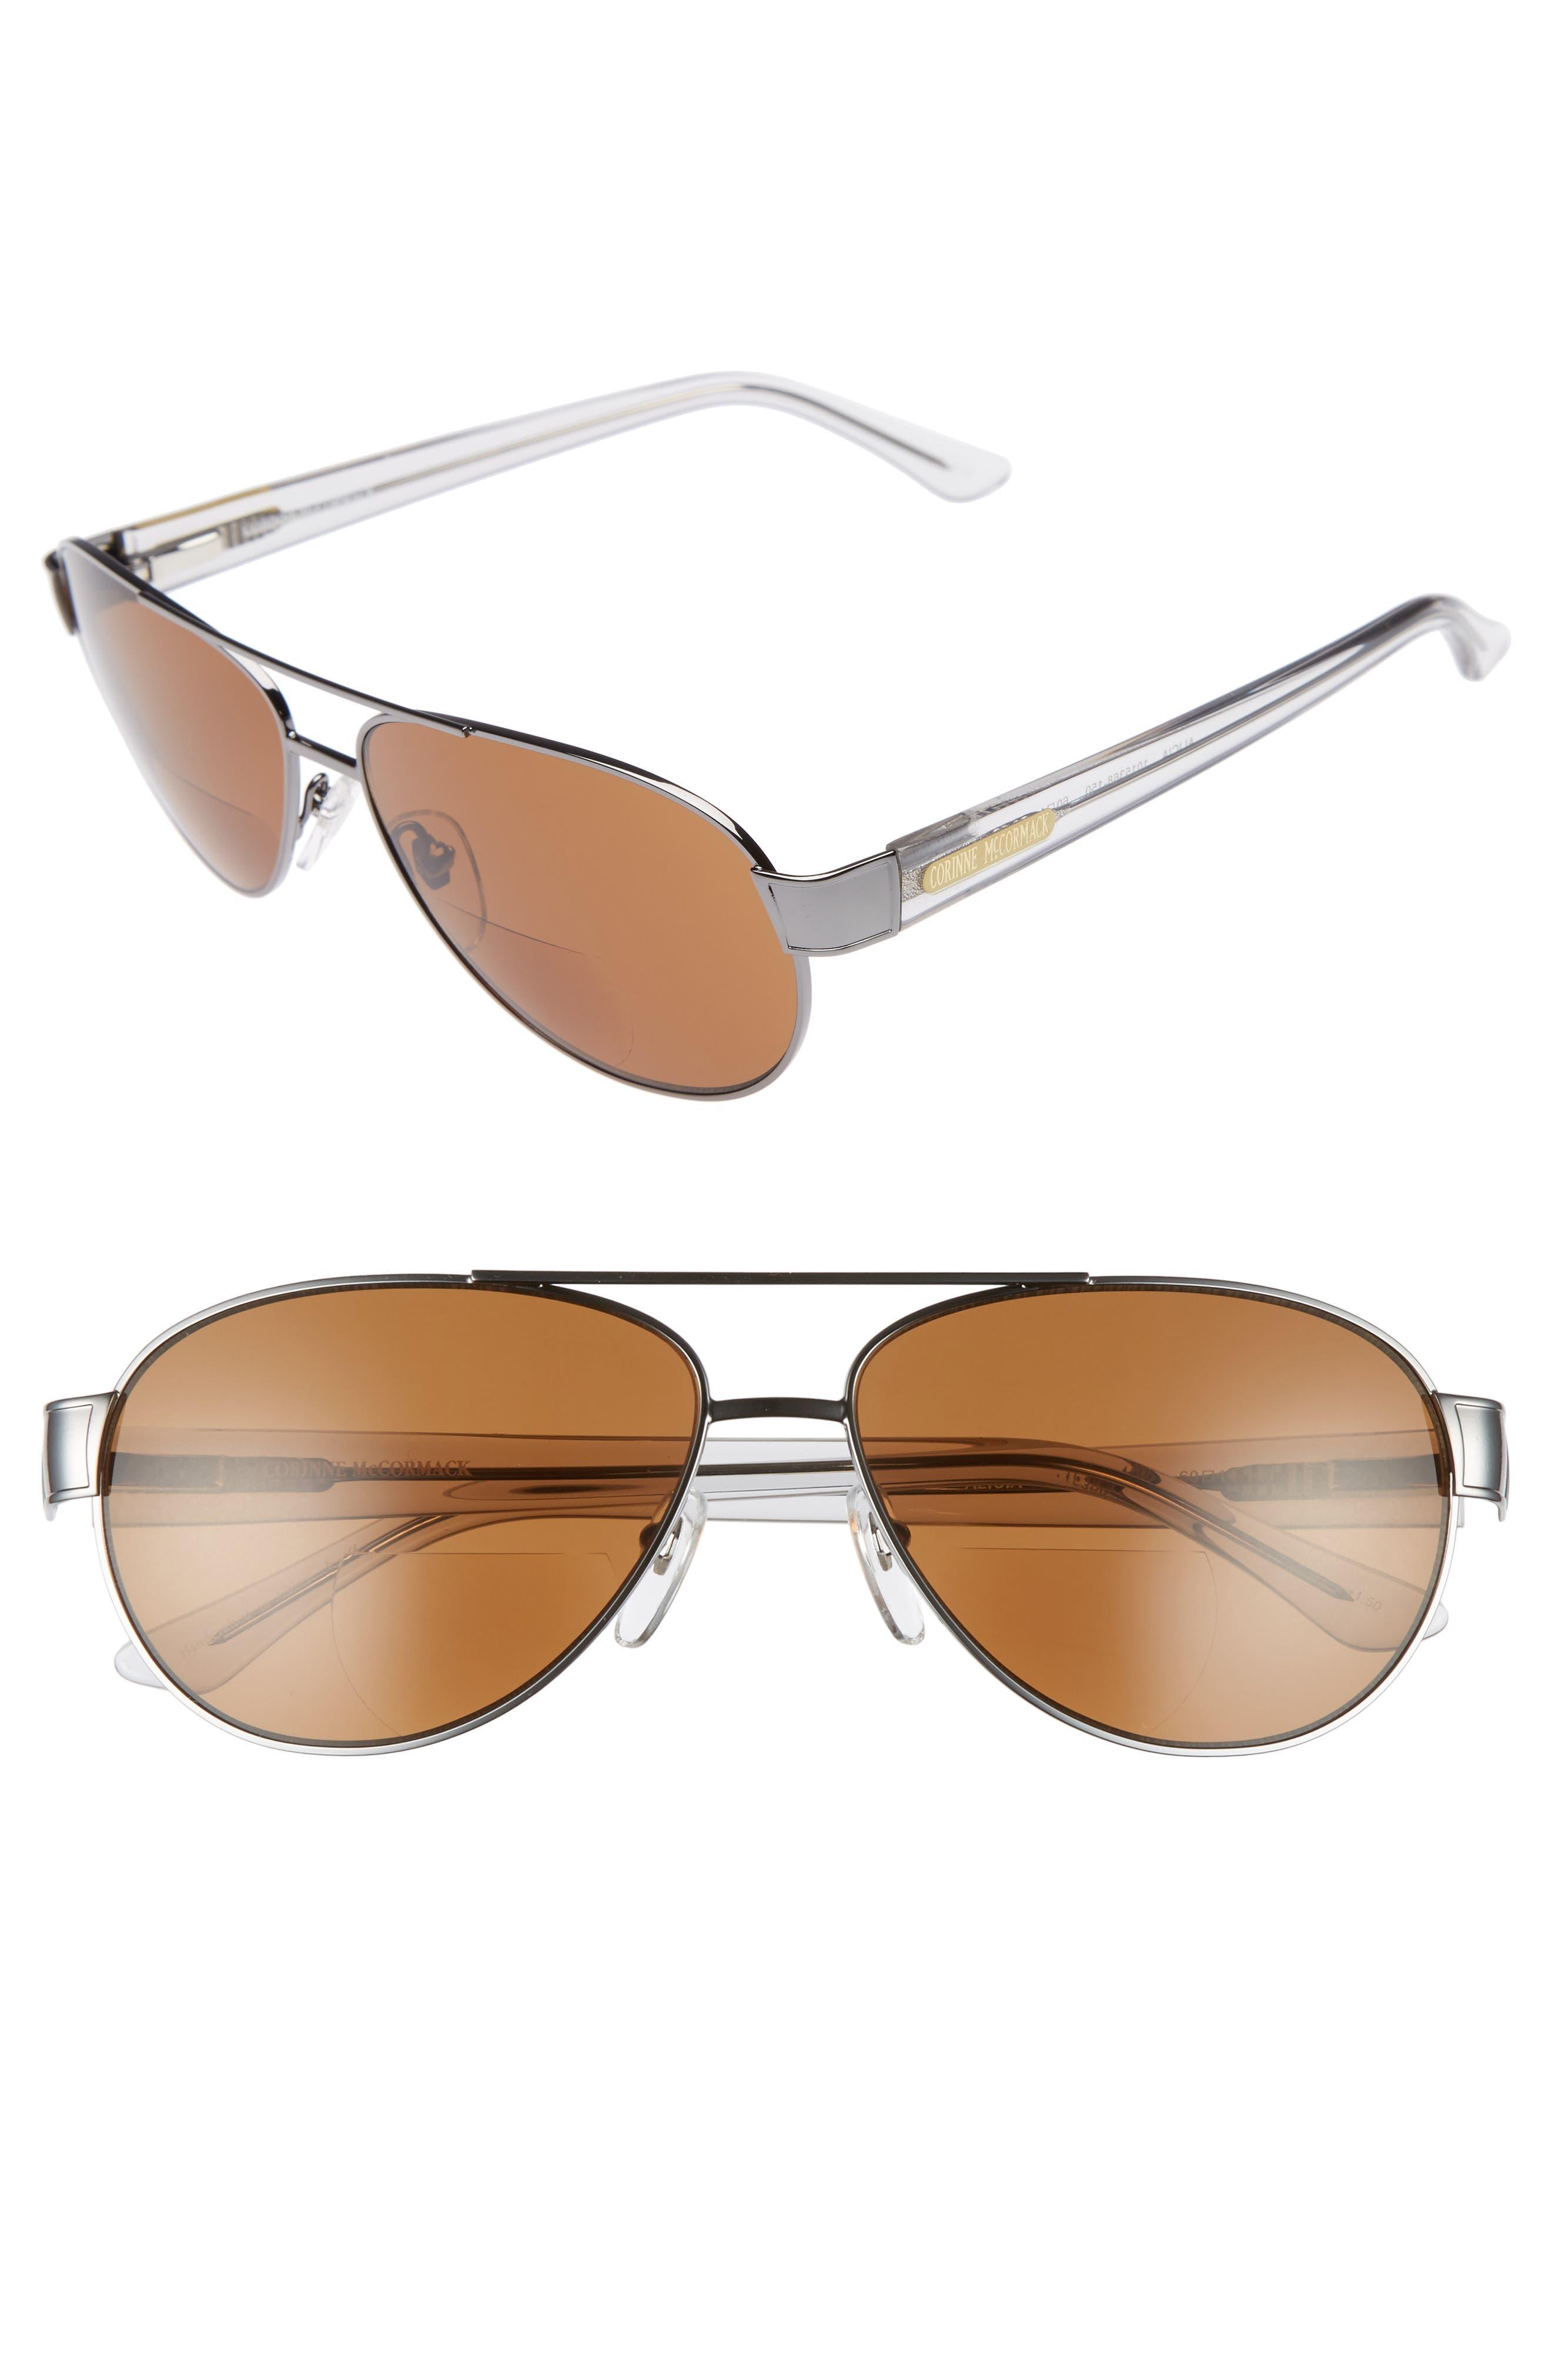 Alicia 60mm Optical Sunglasses,                             Main thumbnail 1, color,                             020